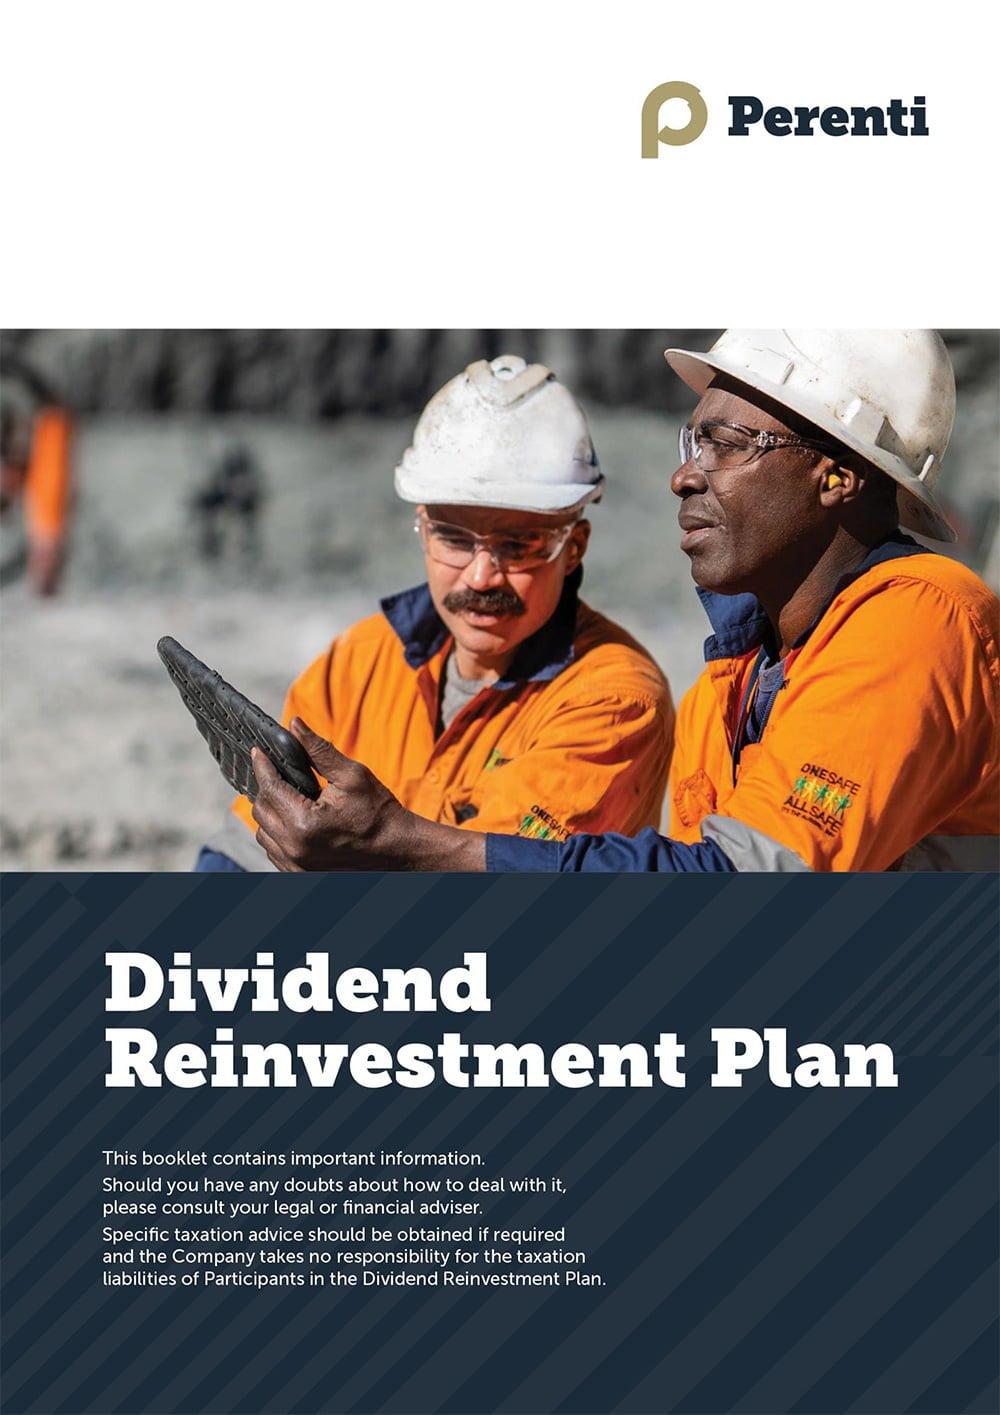 Dividend information • Perenti Dividend Reinvestment Plan 1